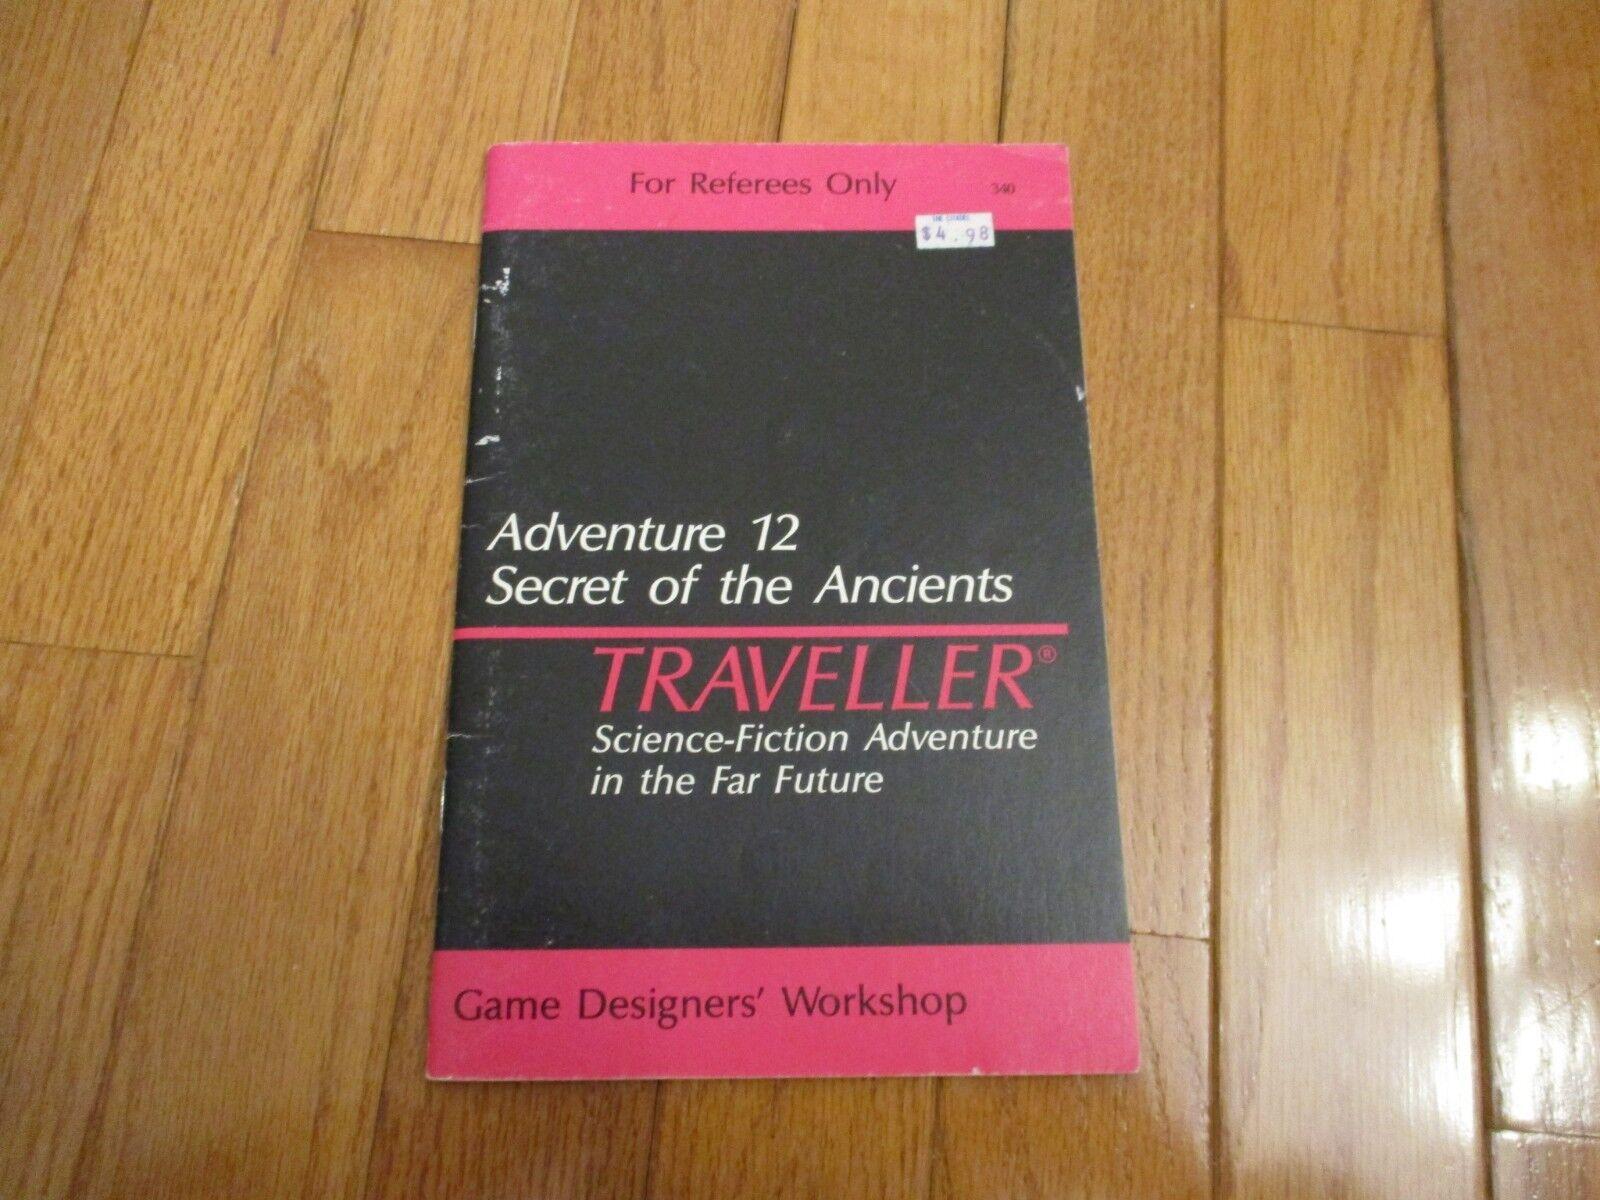 merce di alta qualità e servizio conveniente e onesto Traveller RPG Far Future Adventure Adventure Adventure 12 Secret of the Ancients  alta qualità e spedizione veloce